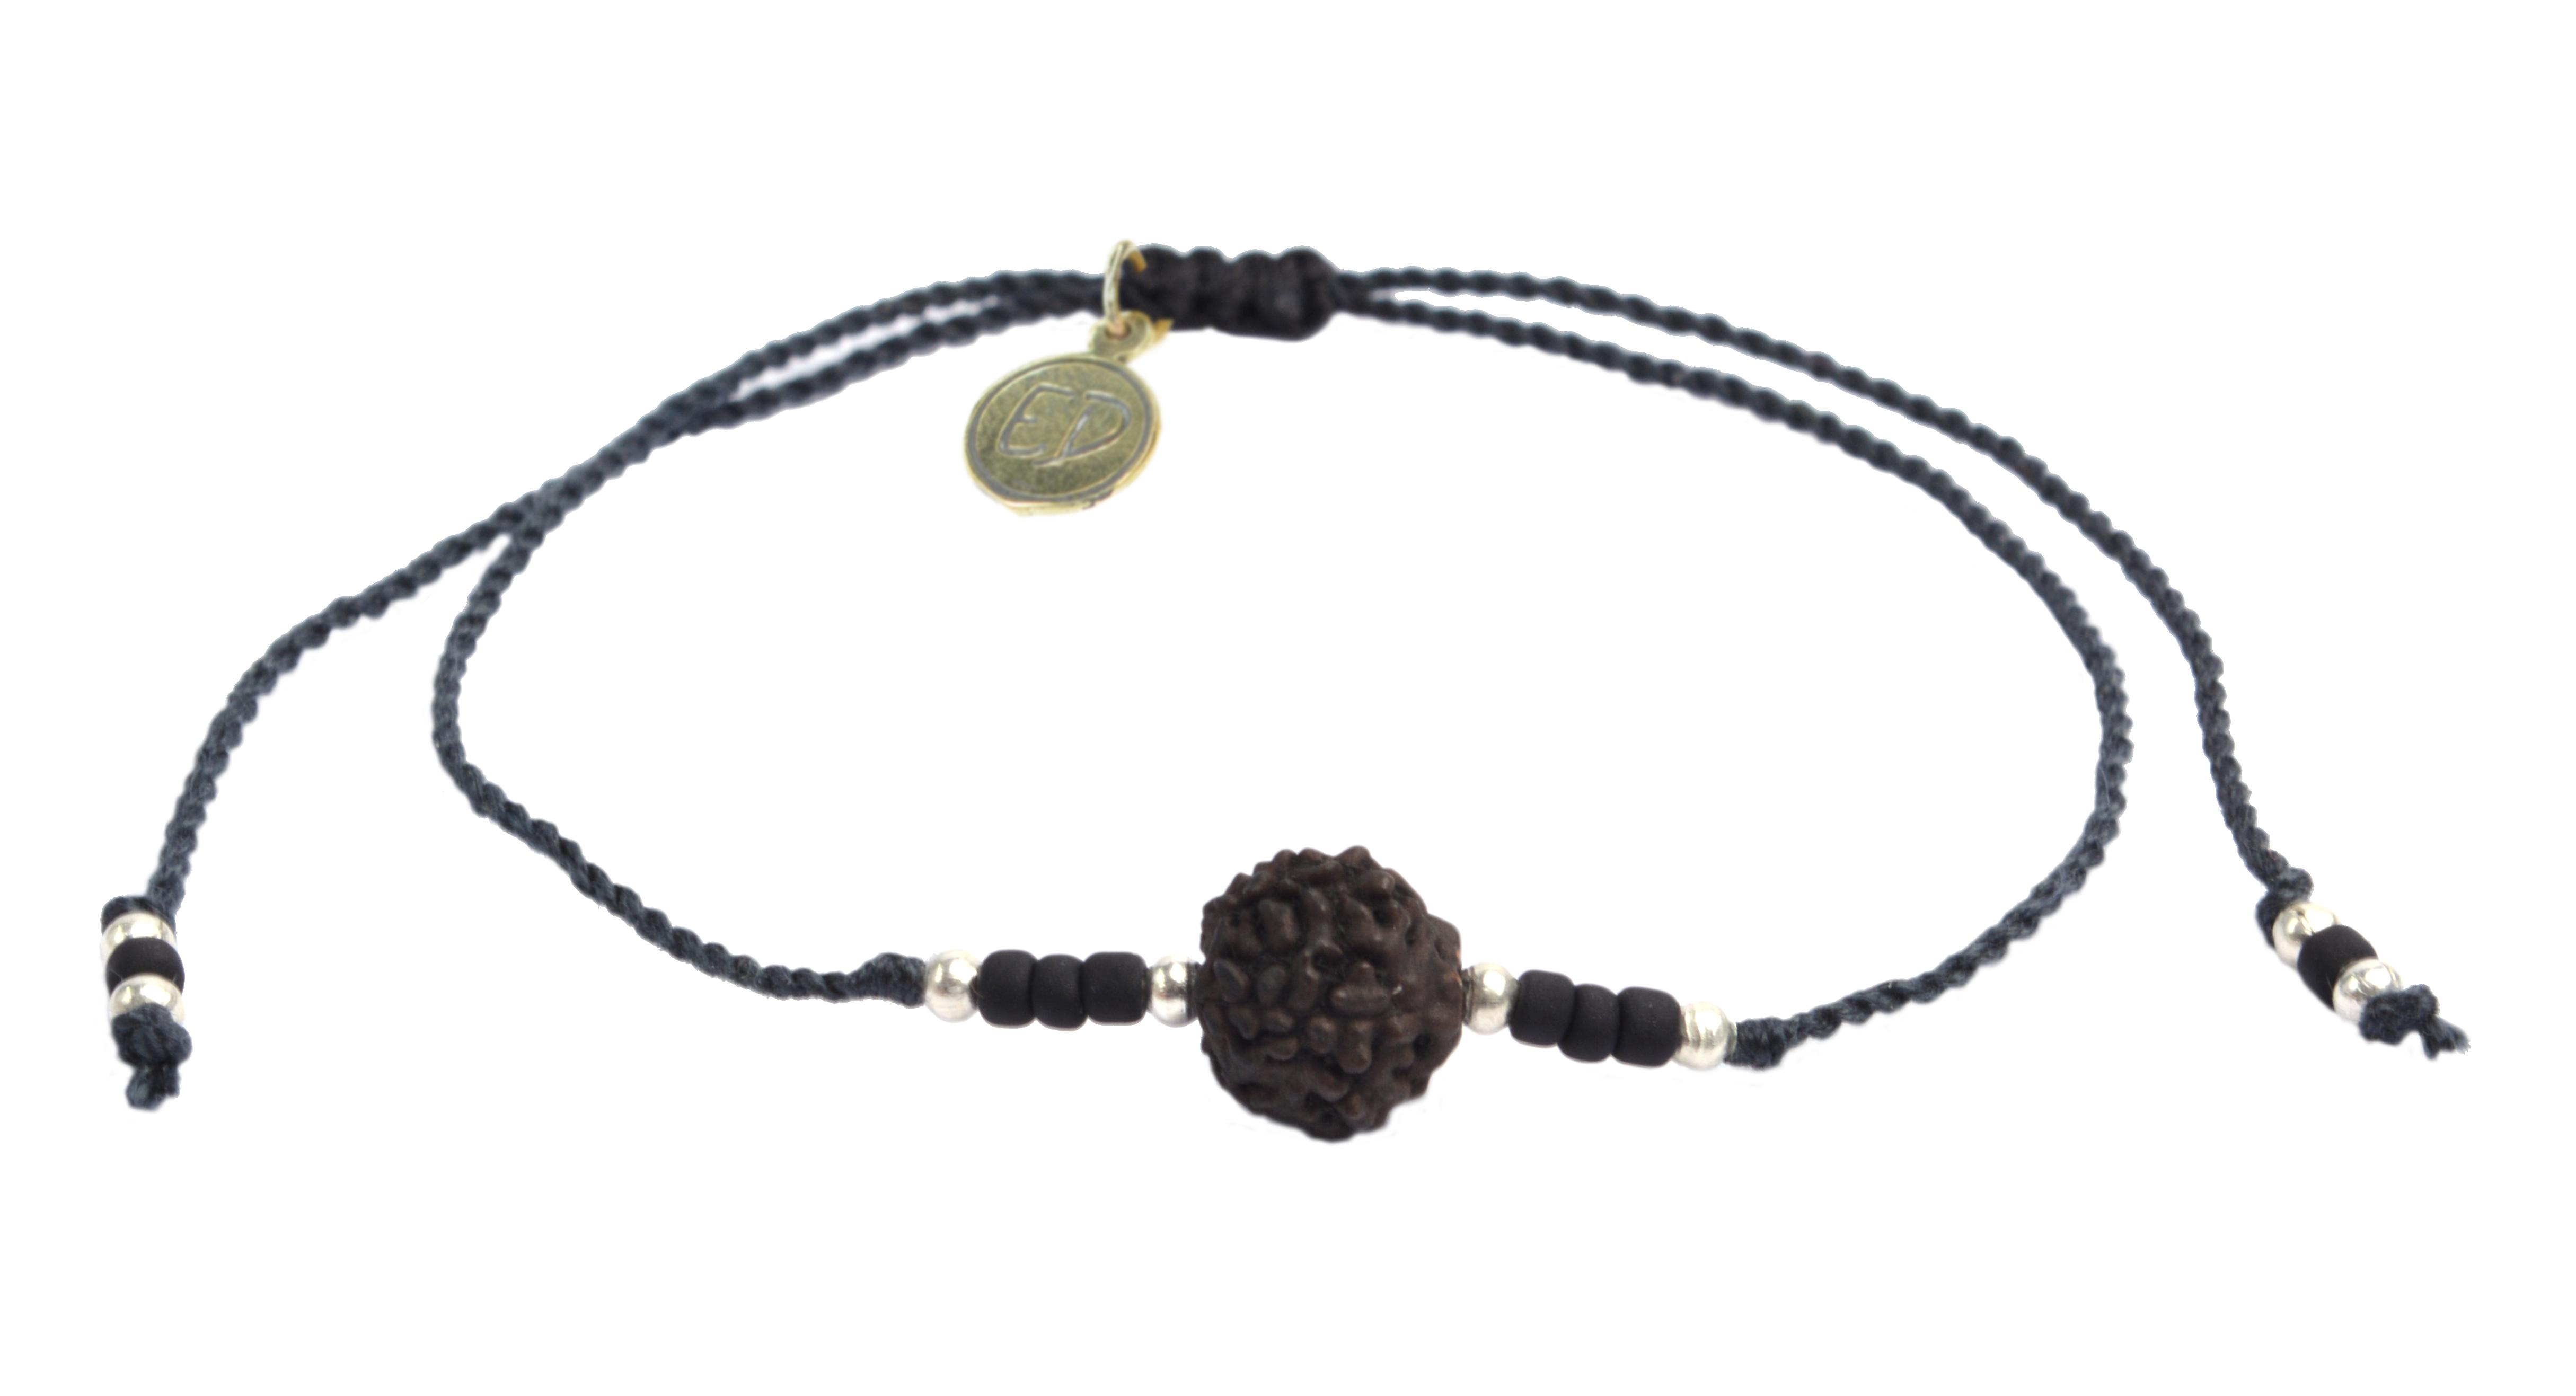 Šnúrkový náramok s tmavou korálkou Rudraksha - čierny